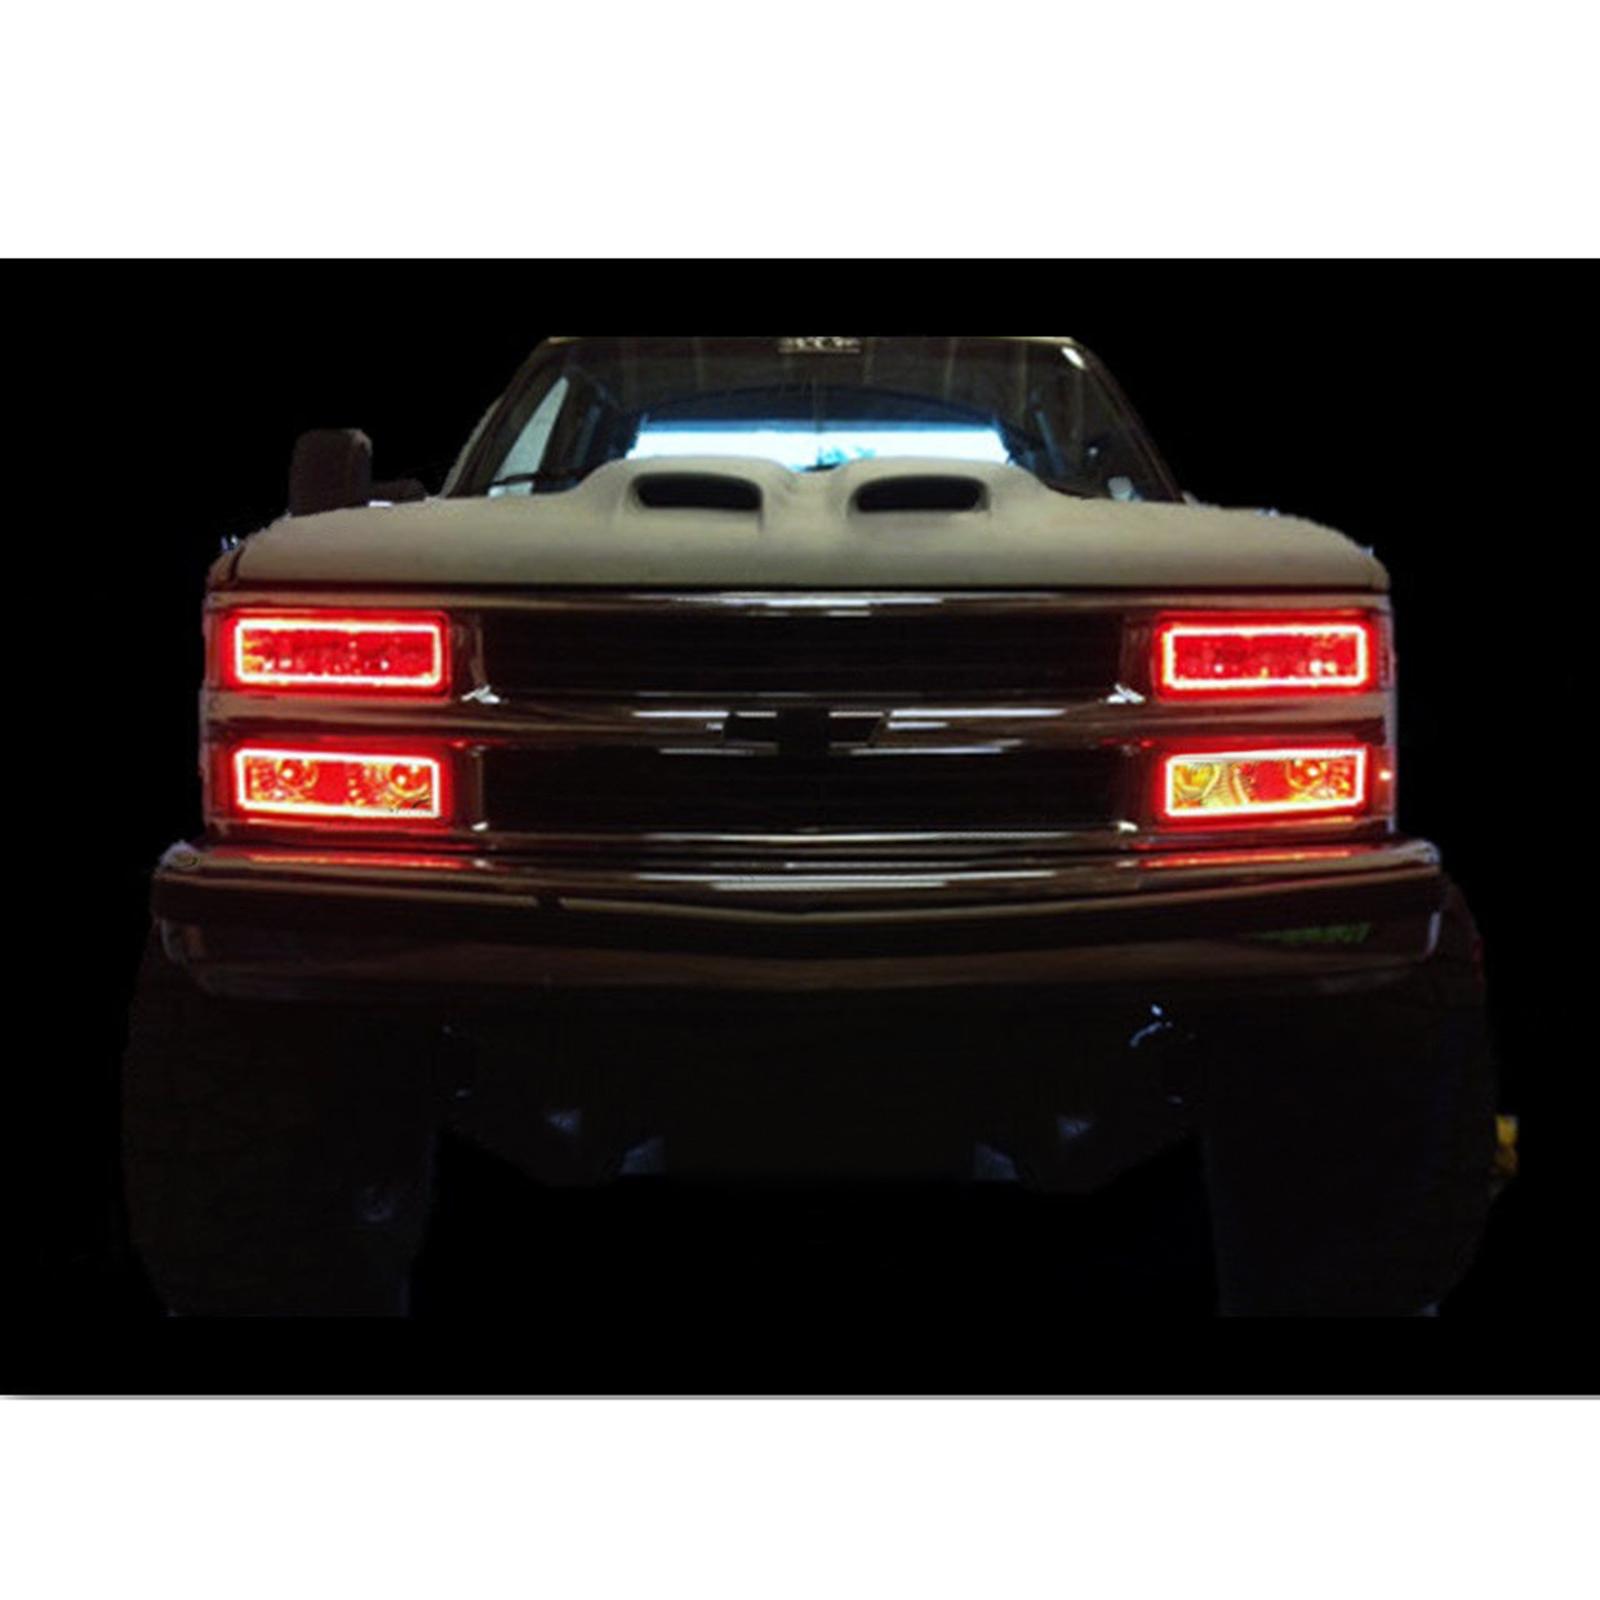 1996 Chevy Silverado 1500